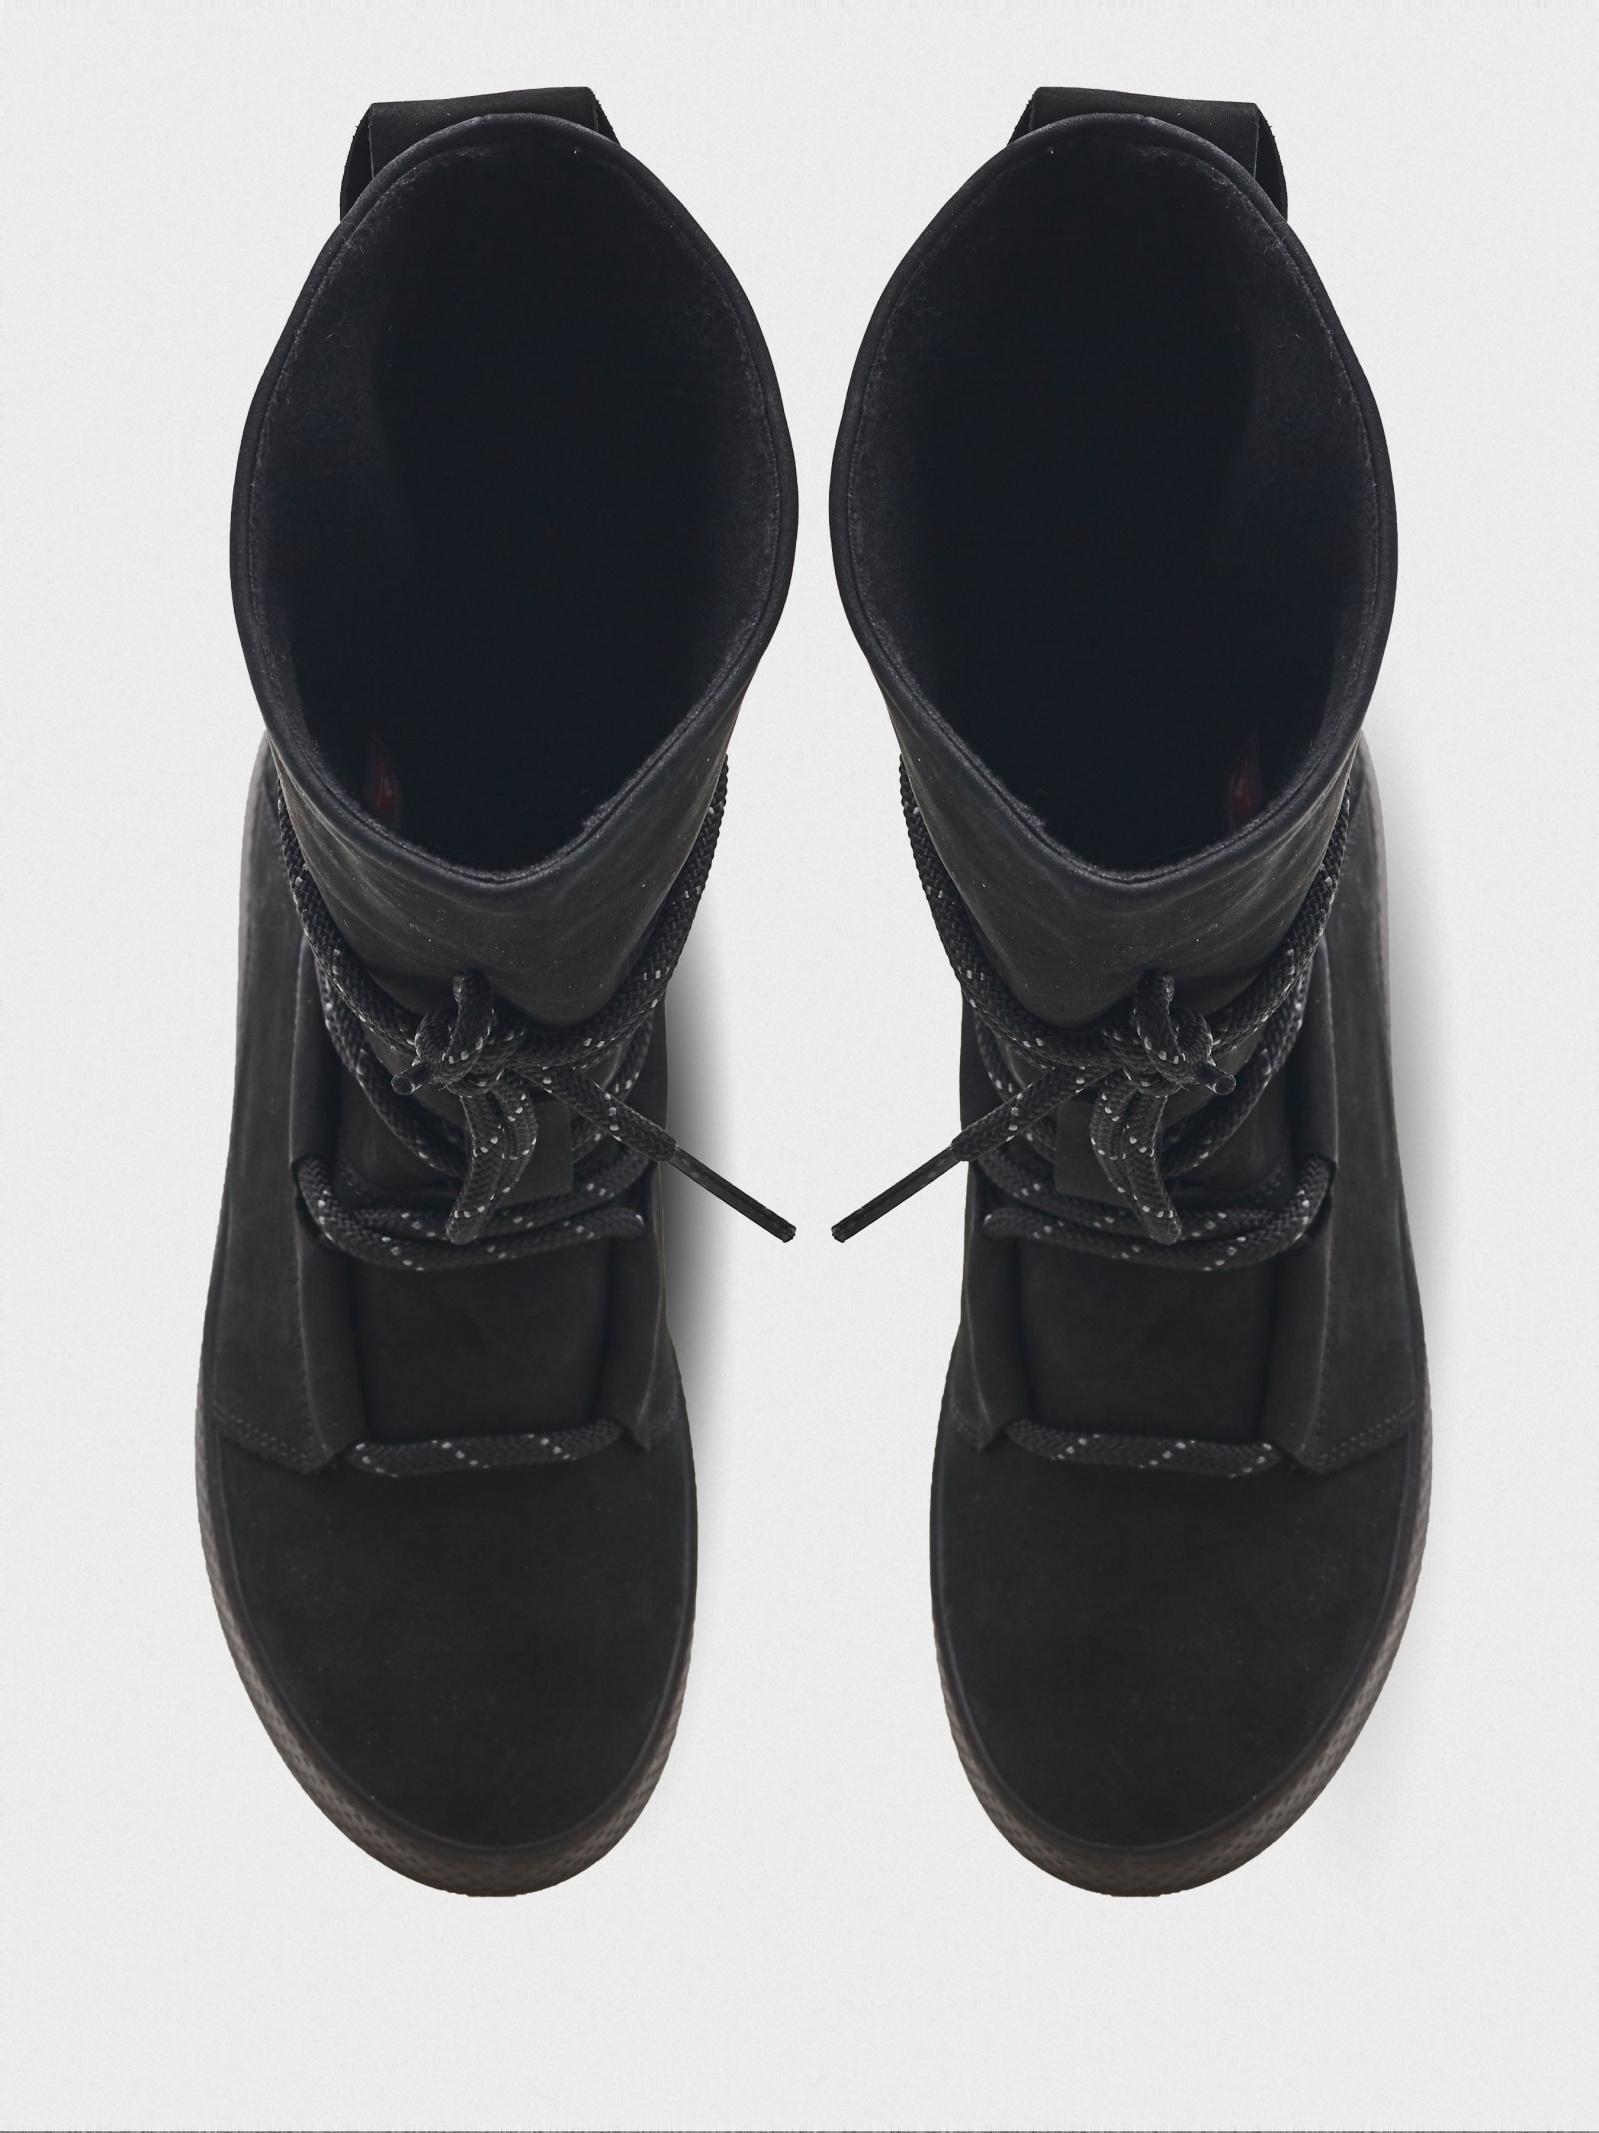 Сапоги женские ECCO UKIUK 2.0 ZW6379 купить обувь, 2017